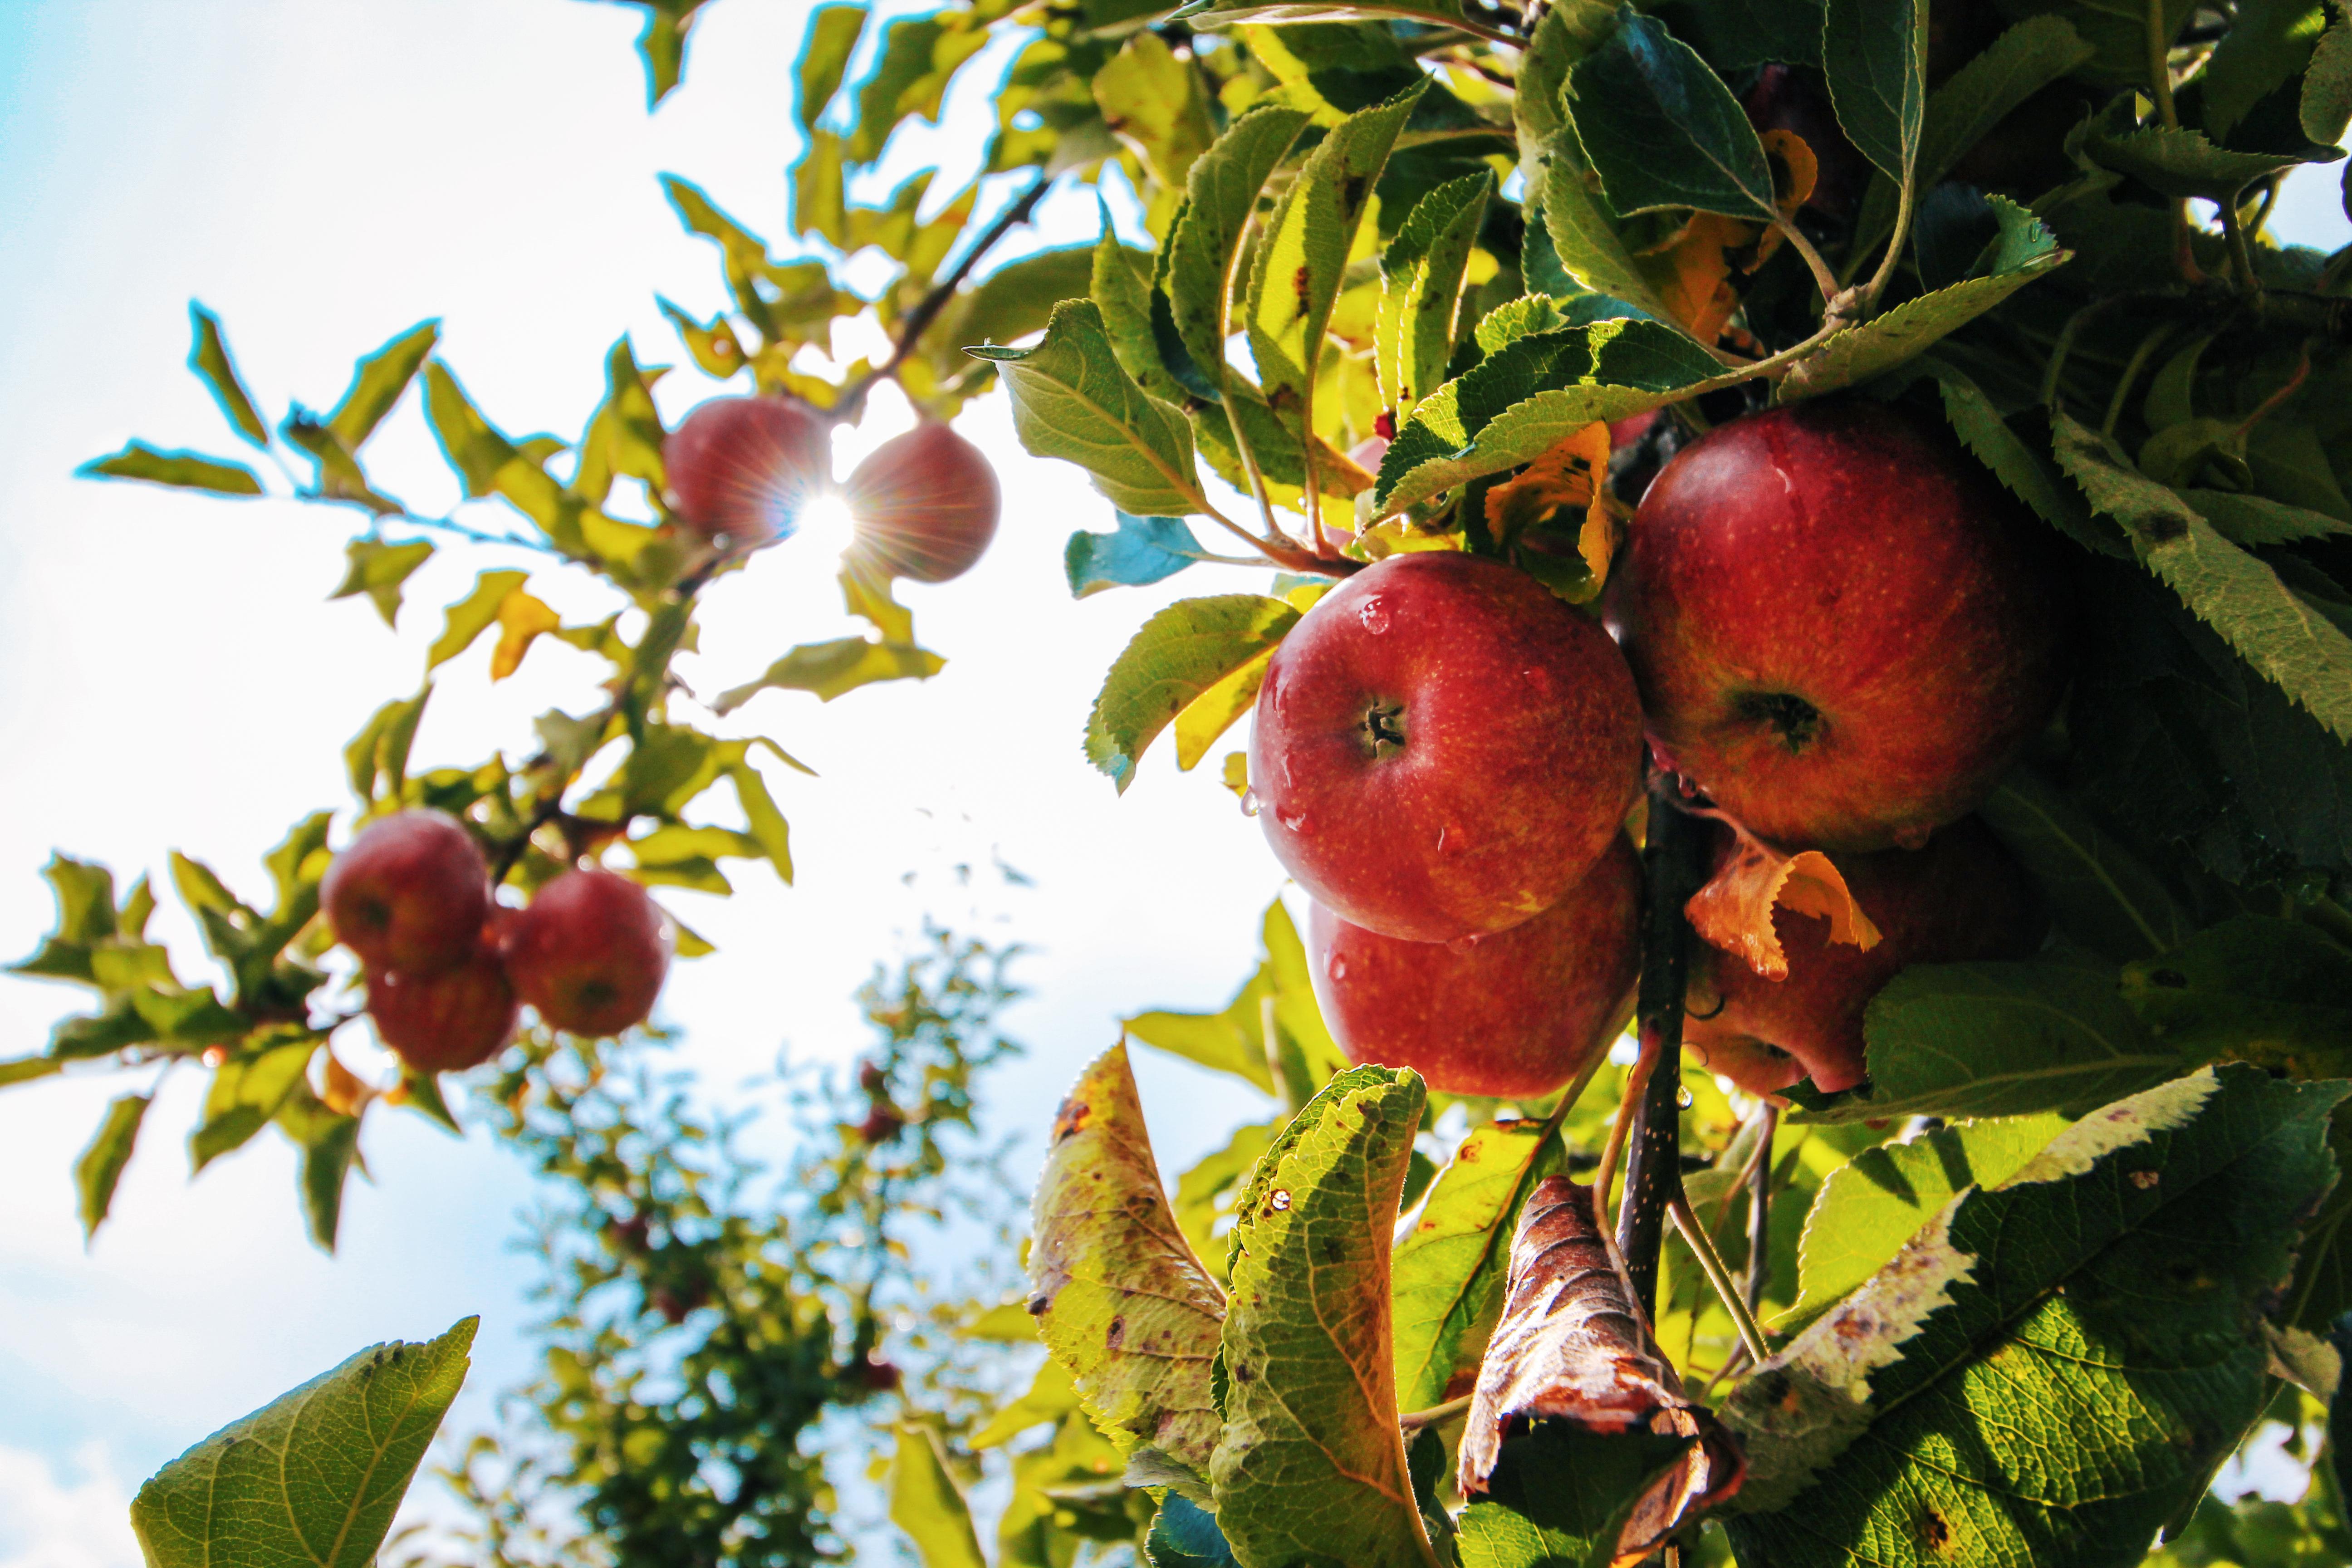 Mise de Fruits @ Place de la Grande salle mise aux enchères de la production des arbres fruitiers communaux